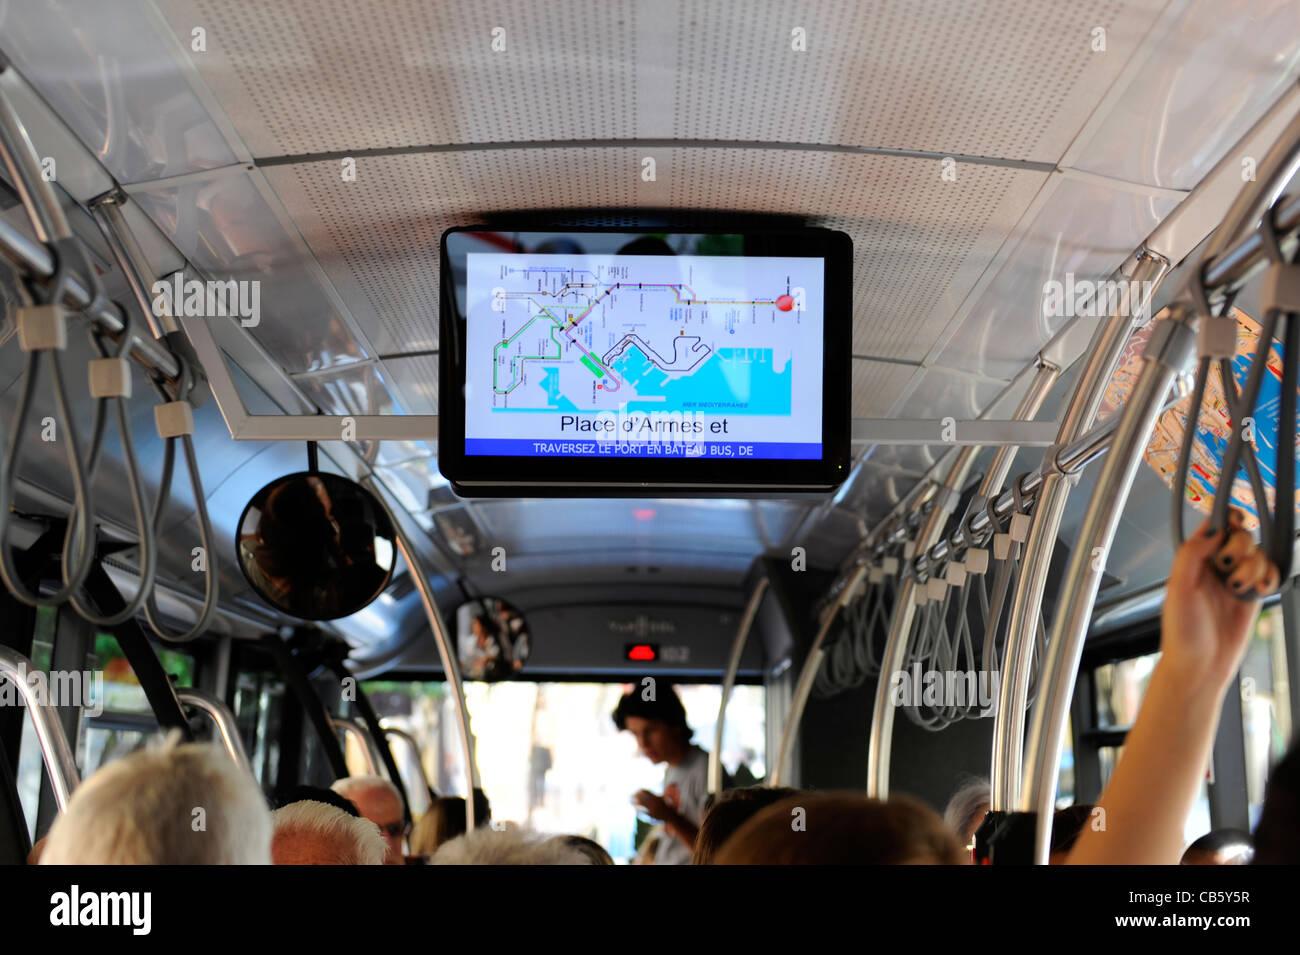 Public Transportation Bus Computer Monitor Monte Carlo Monaco Principality French Riviera Mediterranean Cote d'Azur - Stock Image